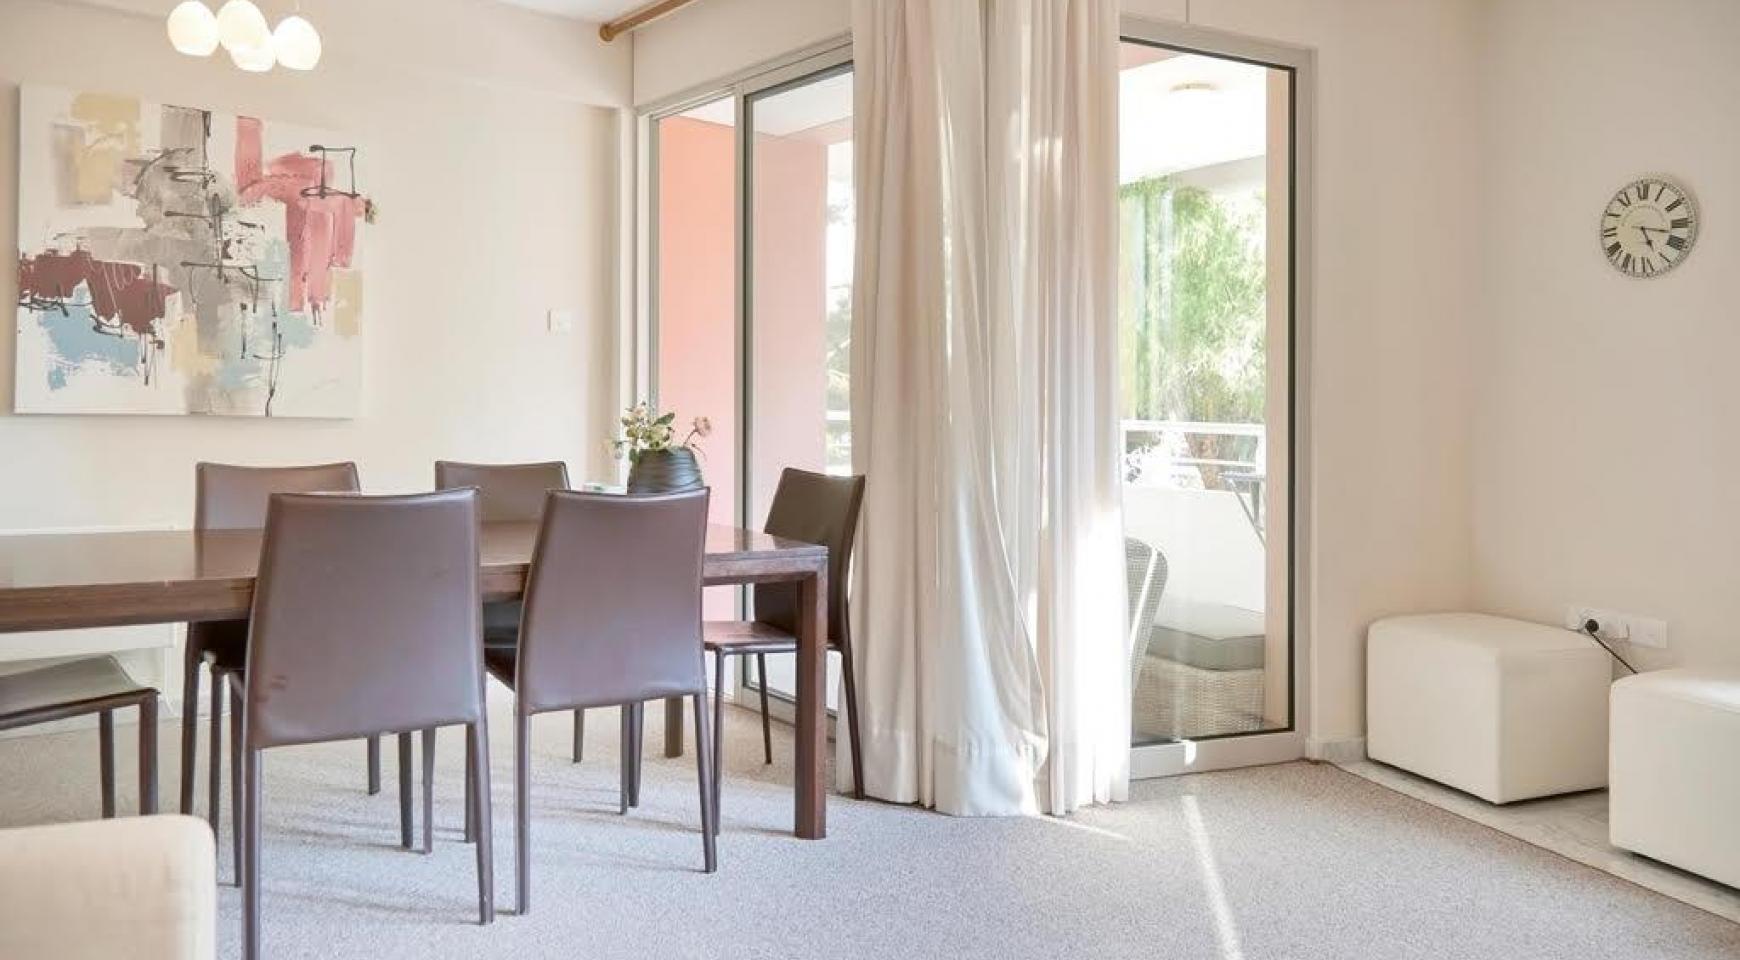 Luxury 2 Bedroom Apartment Amathusa F 104 near the Beach - 5